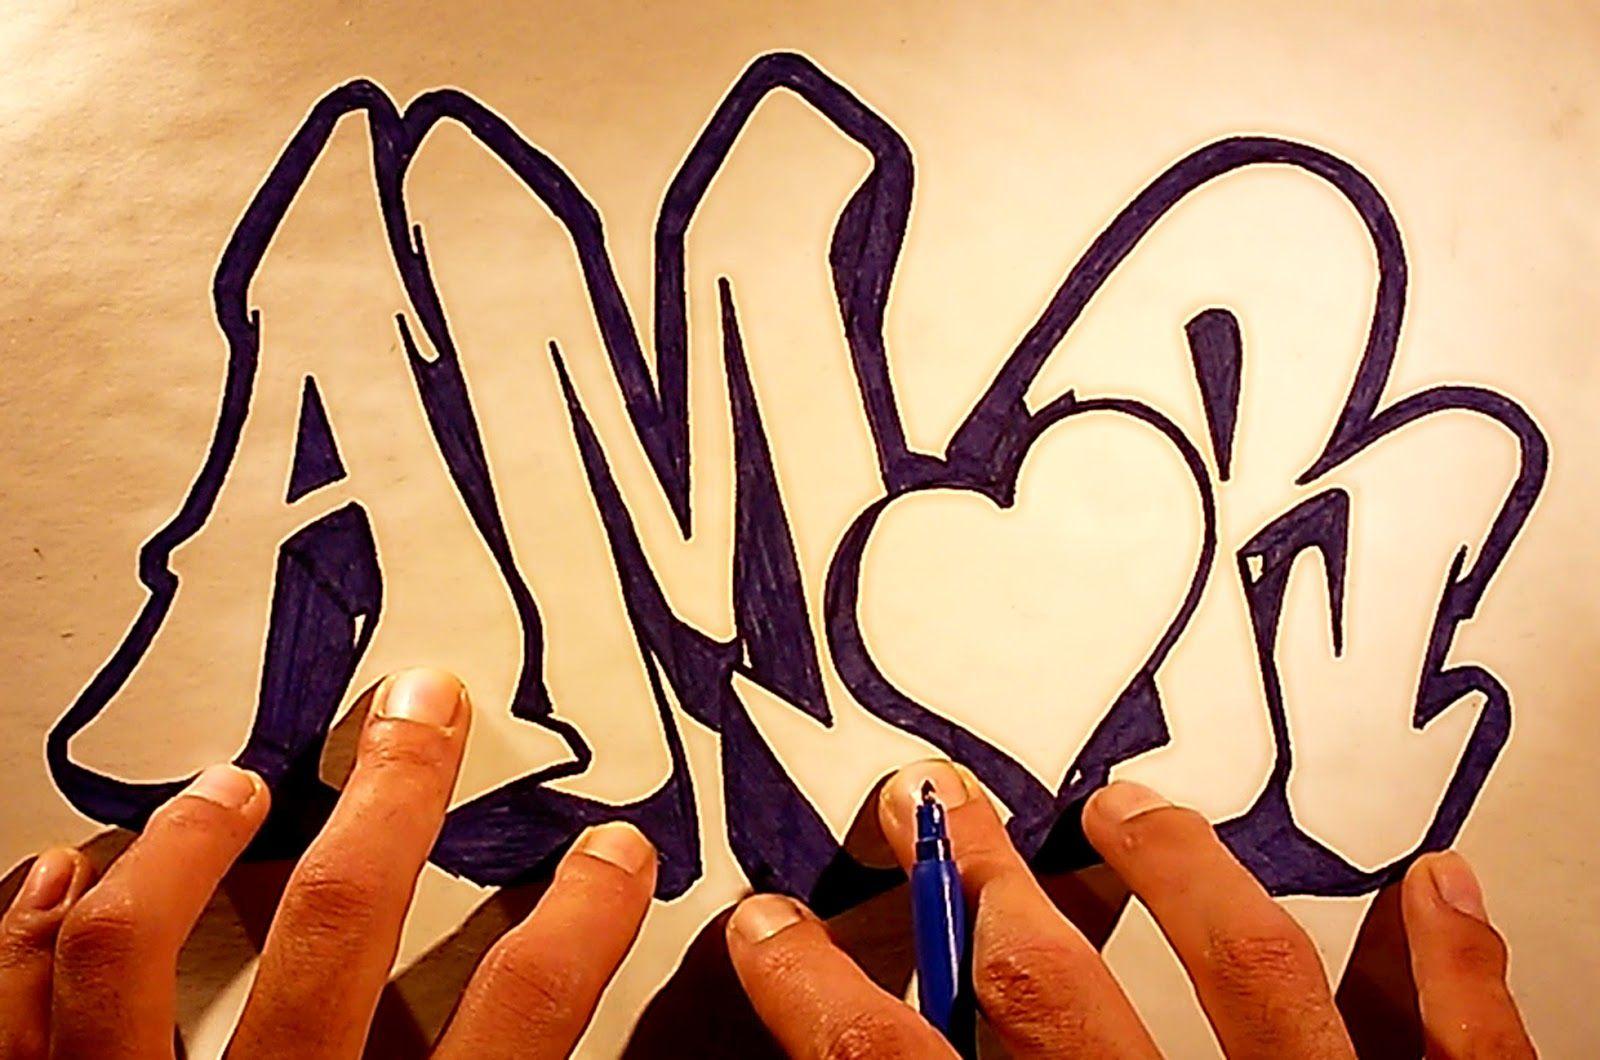 Letras Escritas Con Dibujos Graffiti Lettering Graffiti Art